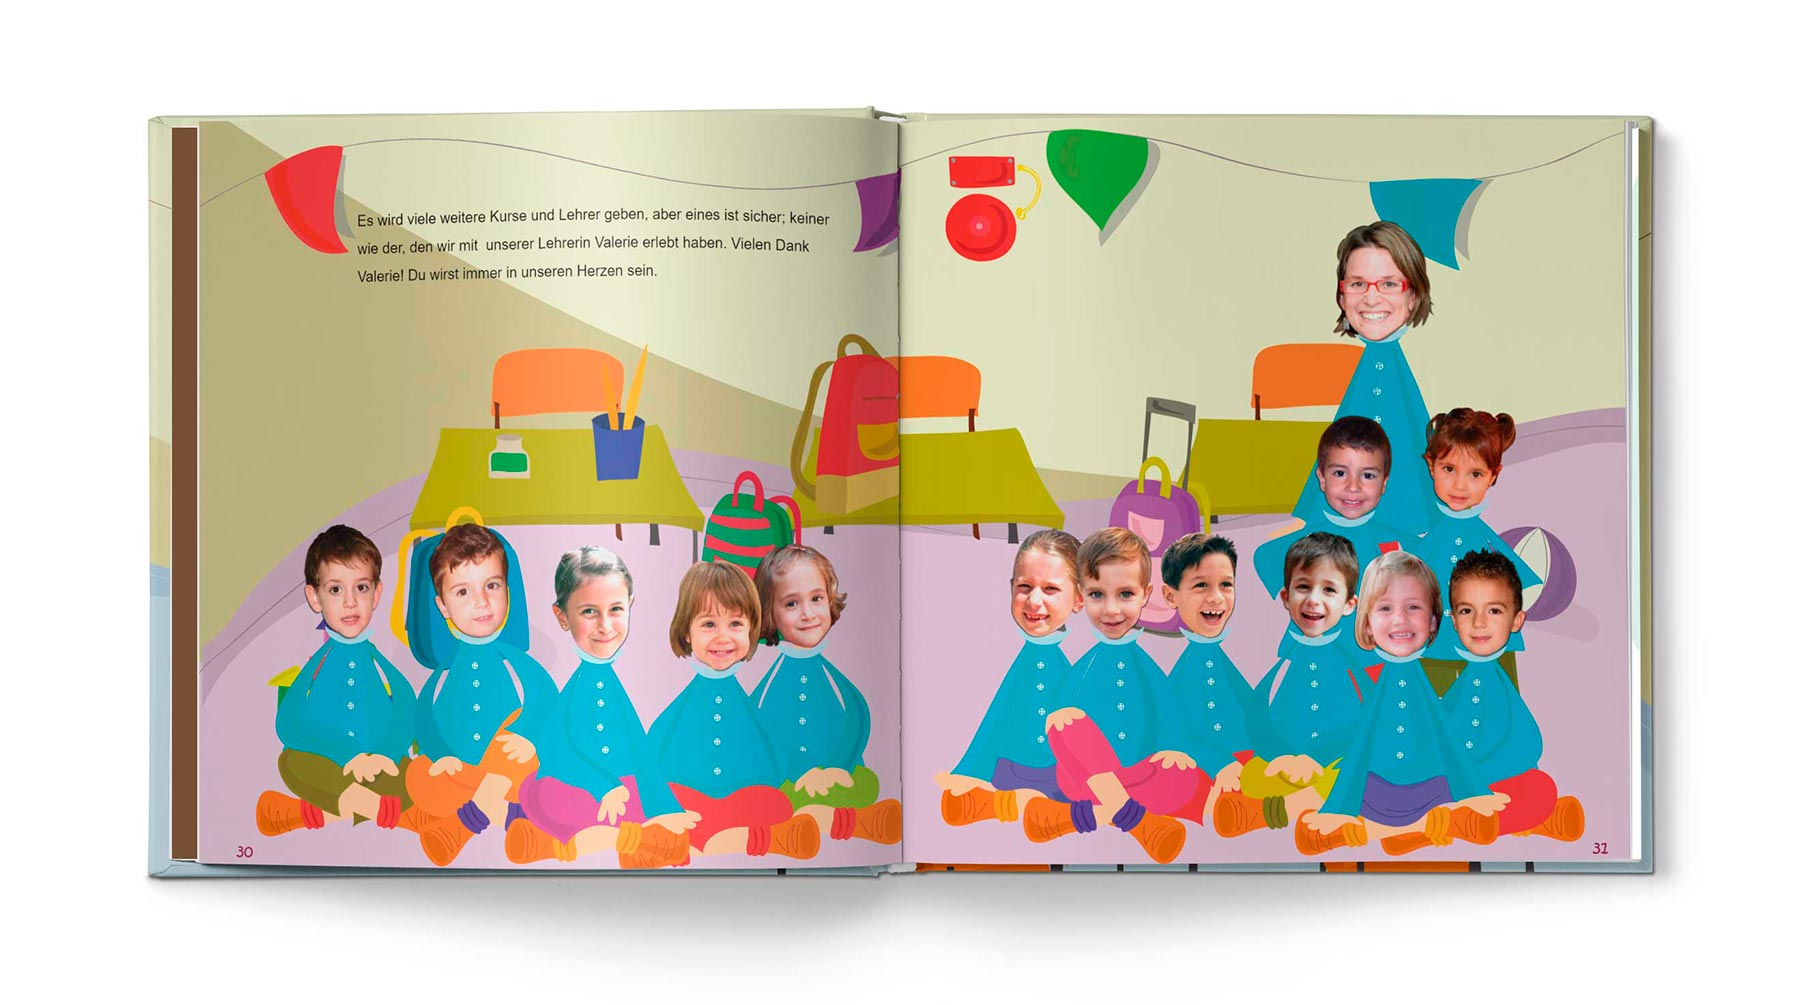 Geschichte Das Schulbuch - Bild 15